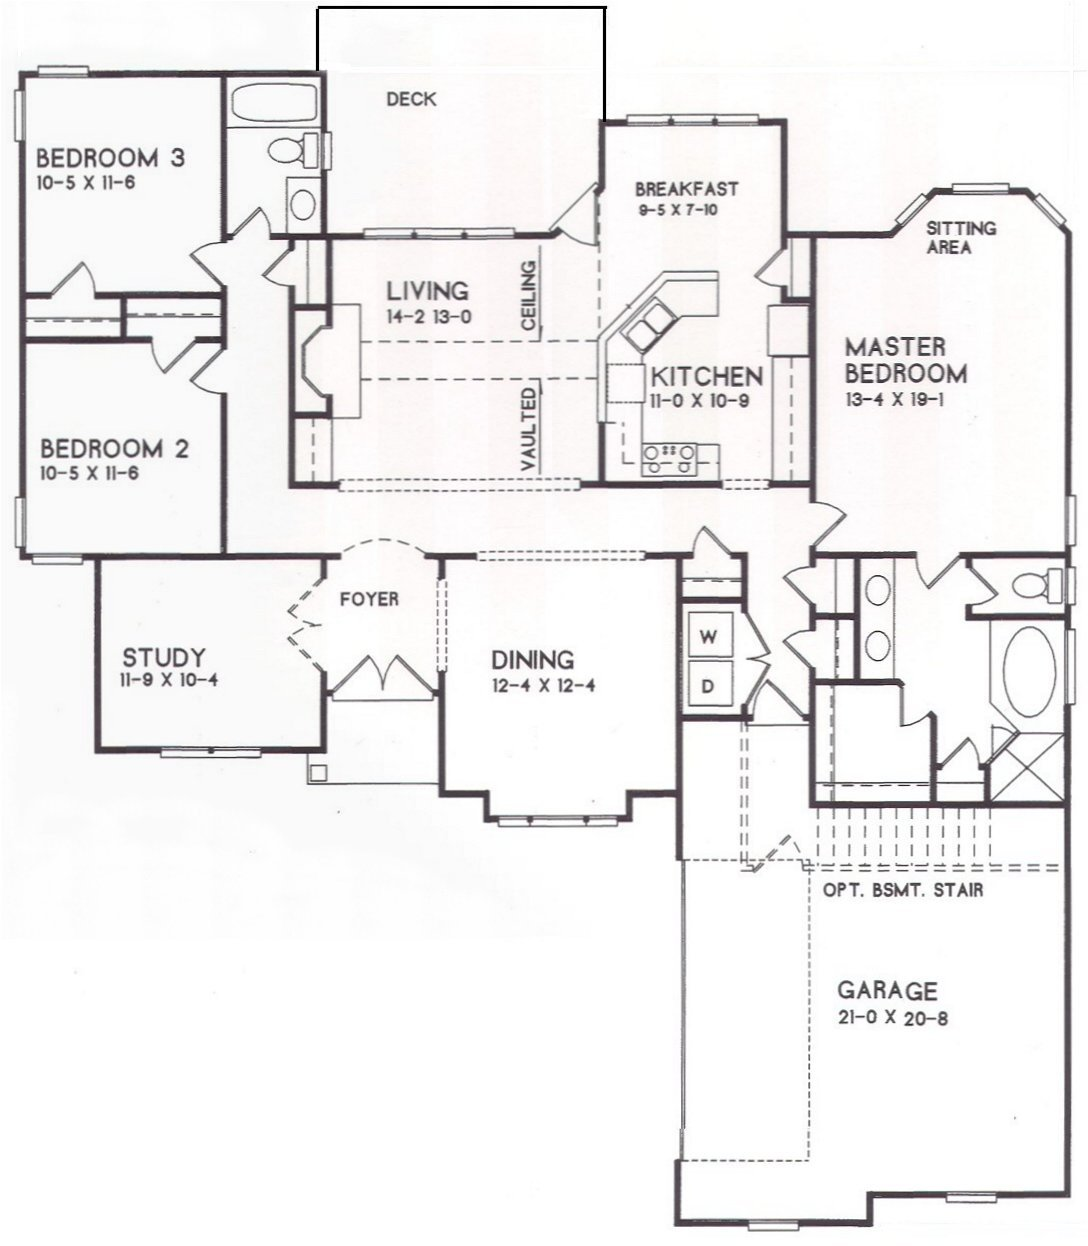 17-18 floor plan